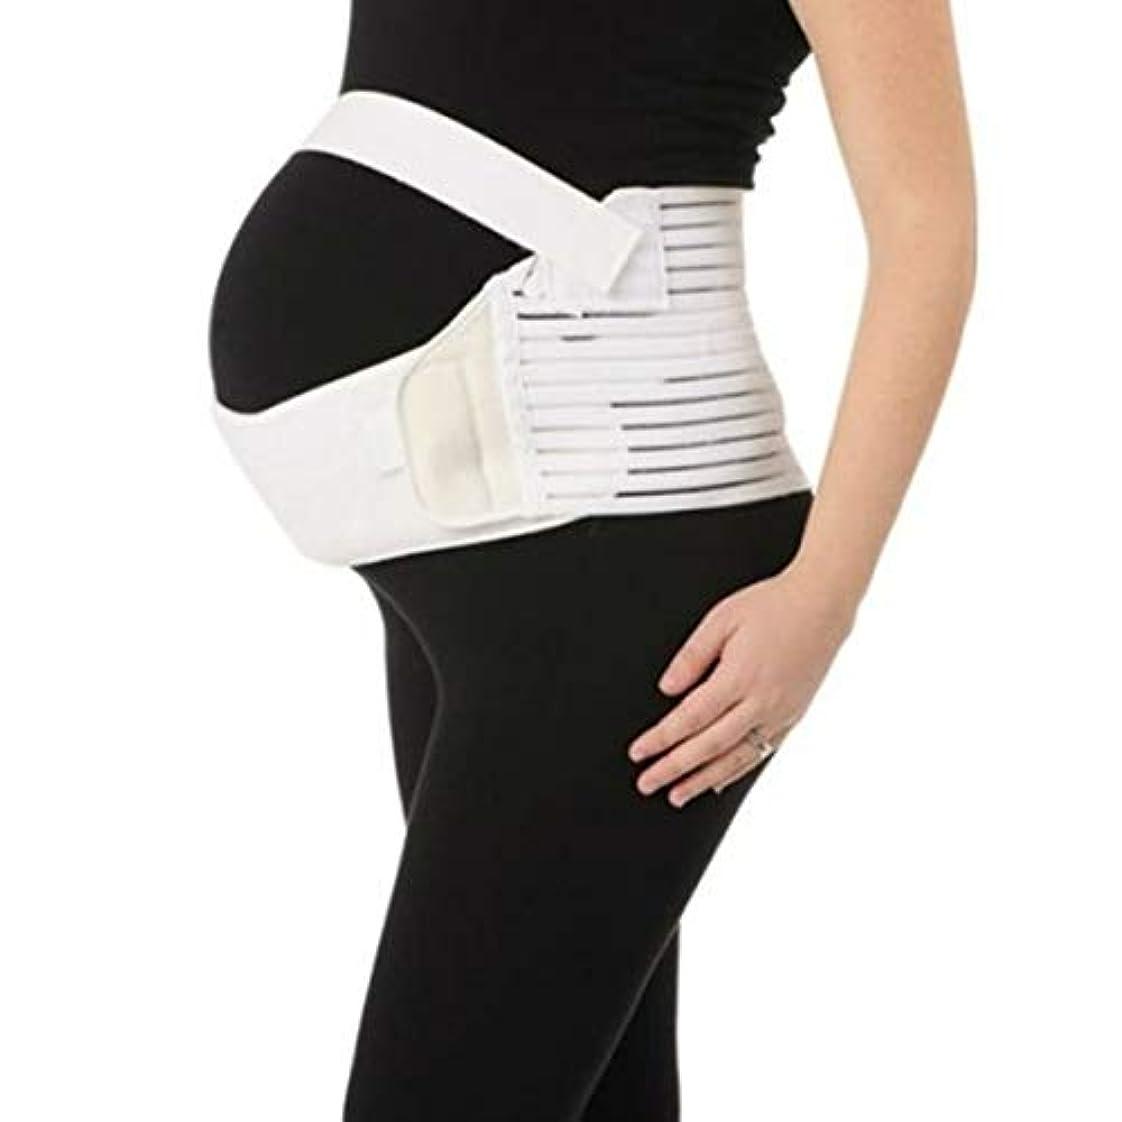 尊敬する打ち上げる一般的に通気性マタニティベルト妊娠腹部サポート腹部バインダーガードル運動包帯産後回復形状ウェア - ホワイトXL